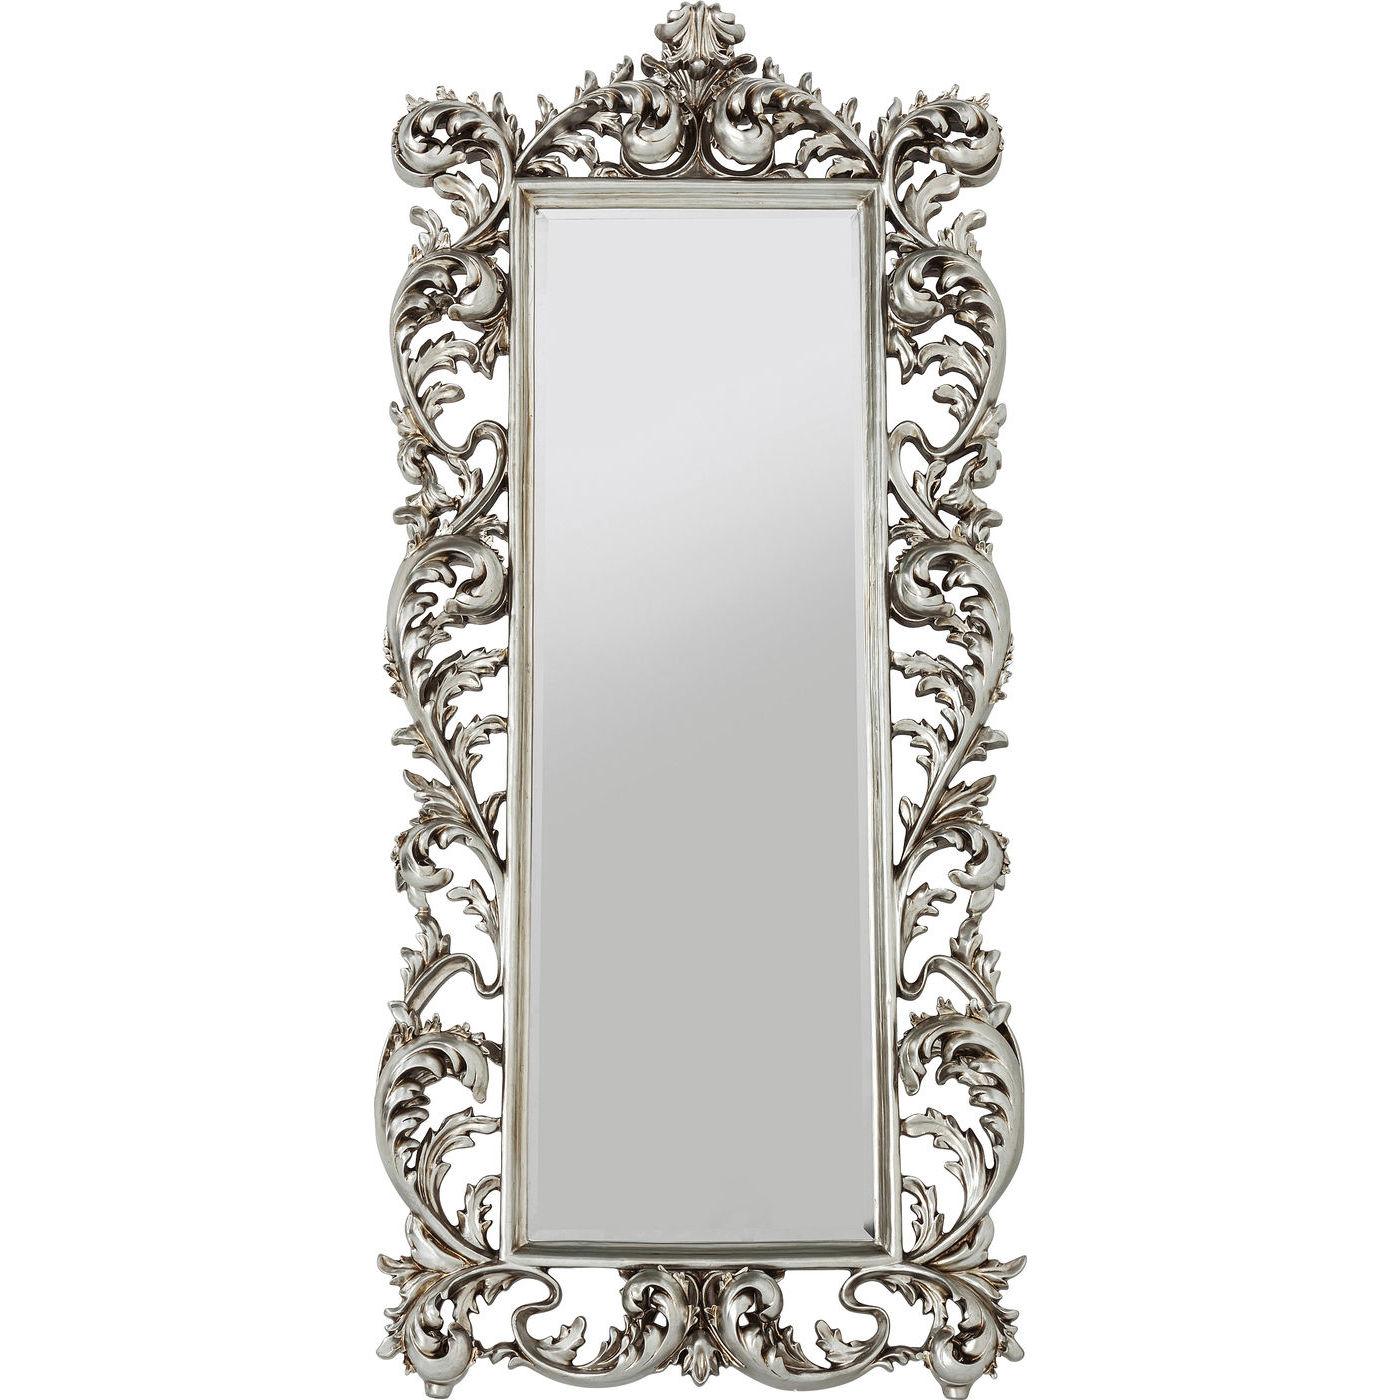 Billede af Kare Design Spejl, Sun King Rectangular Silver